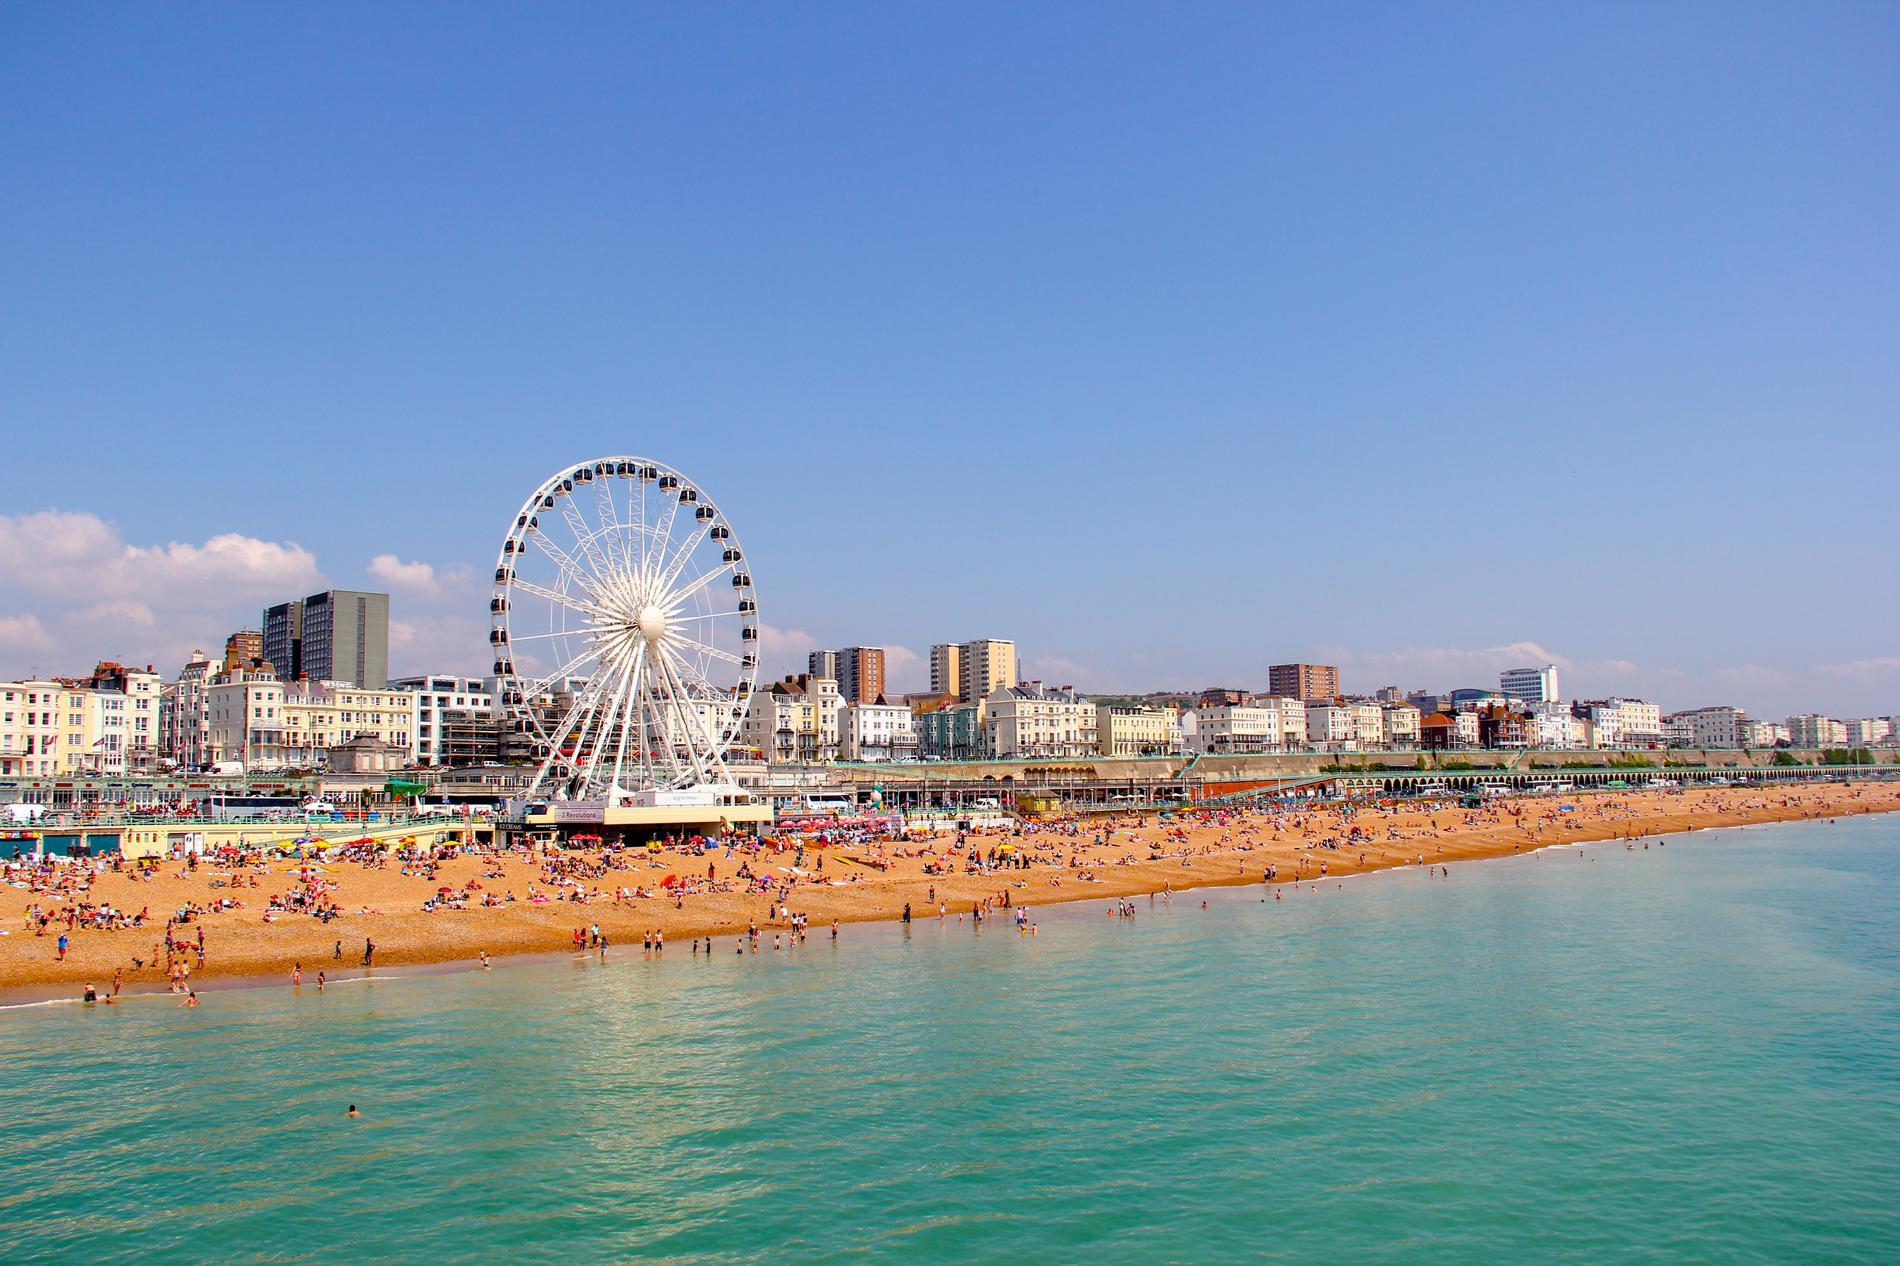 Brighton är även känd som London by the sea.